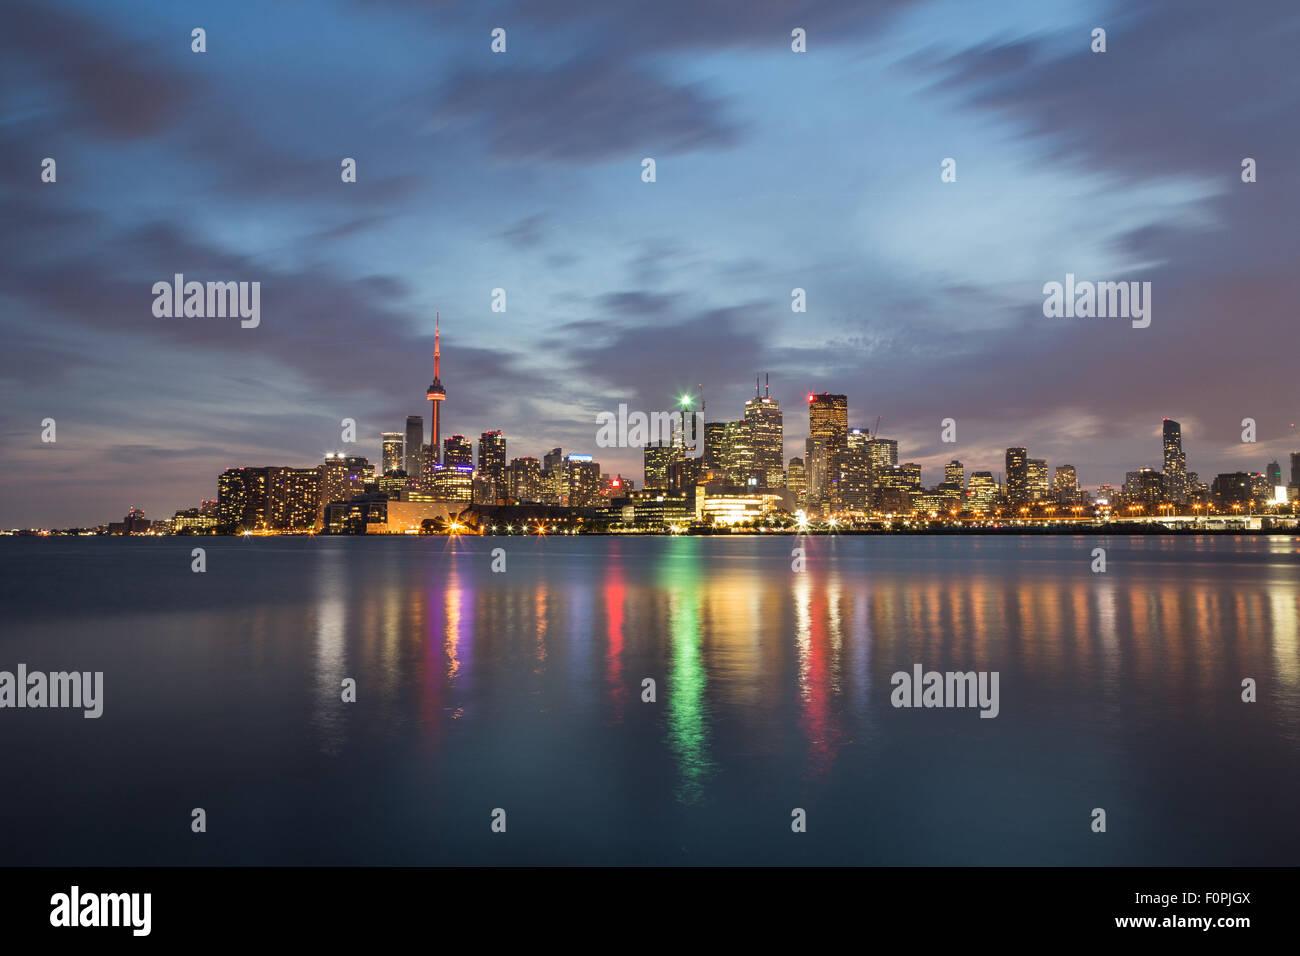 El horizonte de Toronto durante la noche mostrando los edificios y los reflejos en el Lago Ontario Imagen De Stock